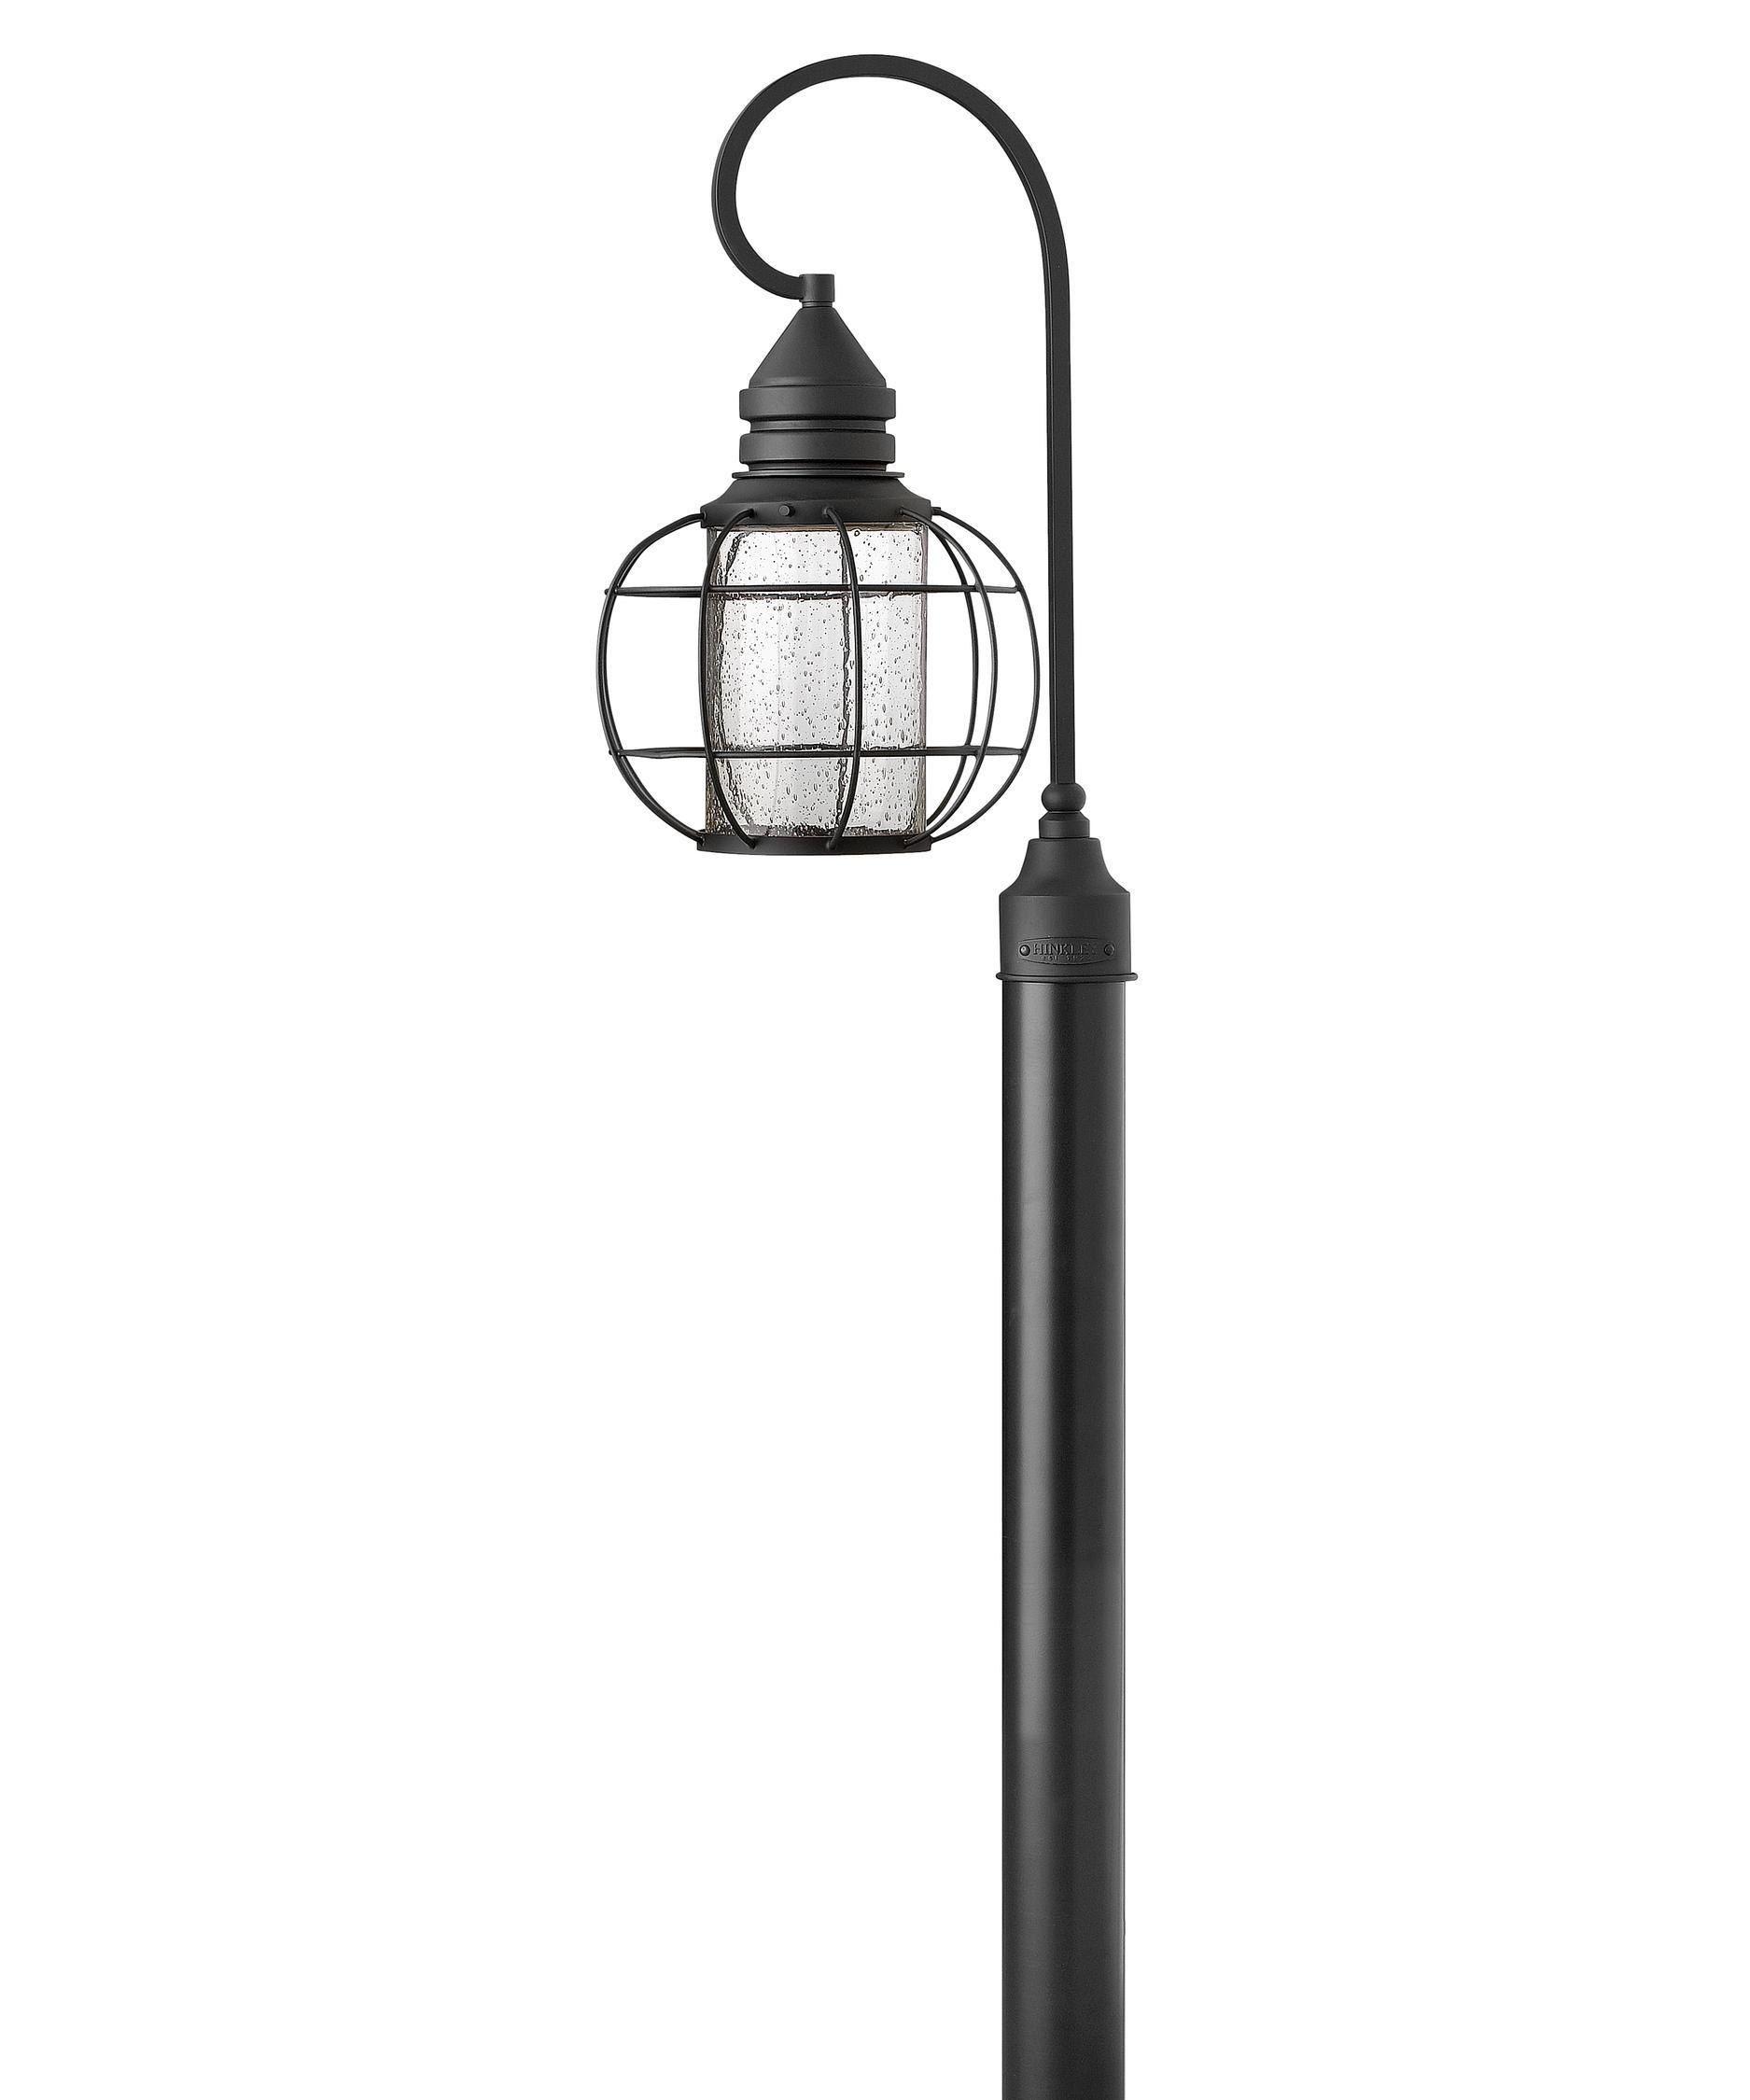 Led outside night light - Hinkley Lighting New Castle 11 Inch Wide 1 Light Outdoor Post Lamp Capitol Lighting 1 800lighting Com